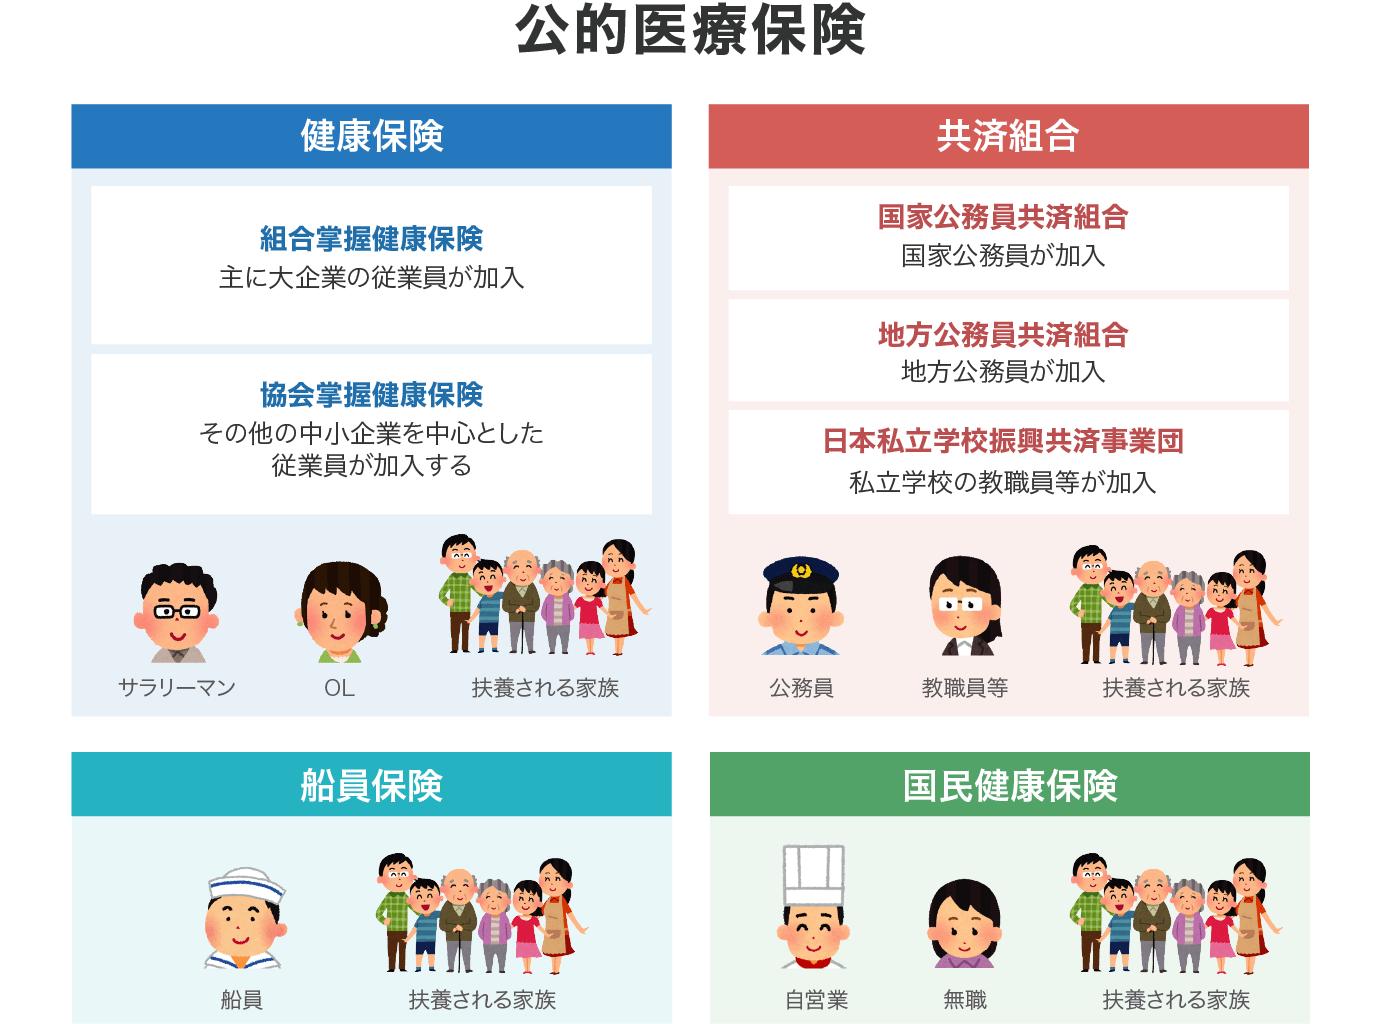 公的医療保険の種類と分類